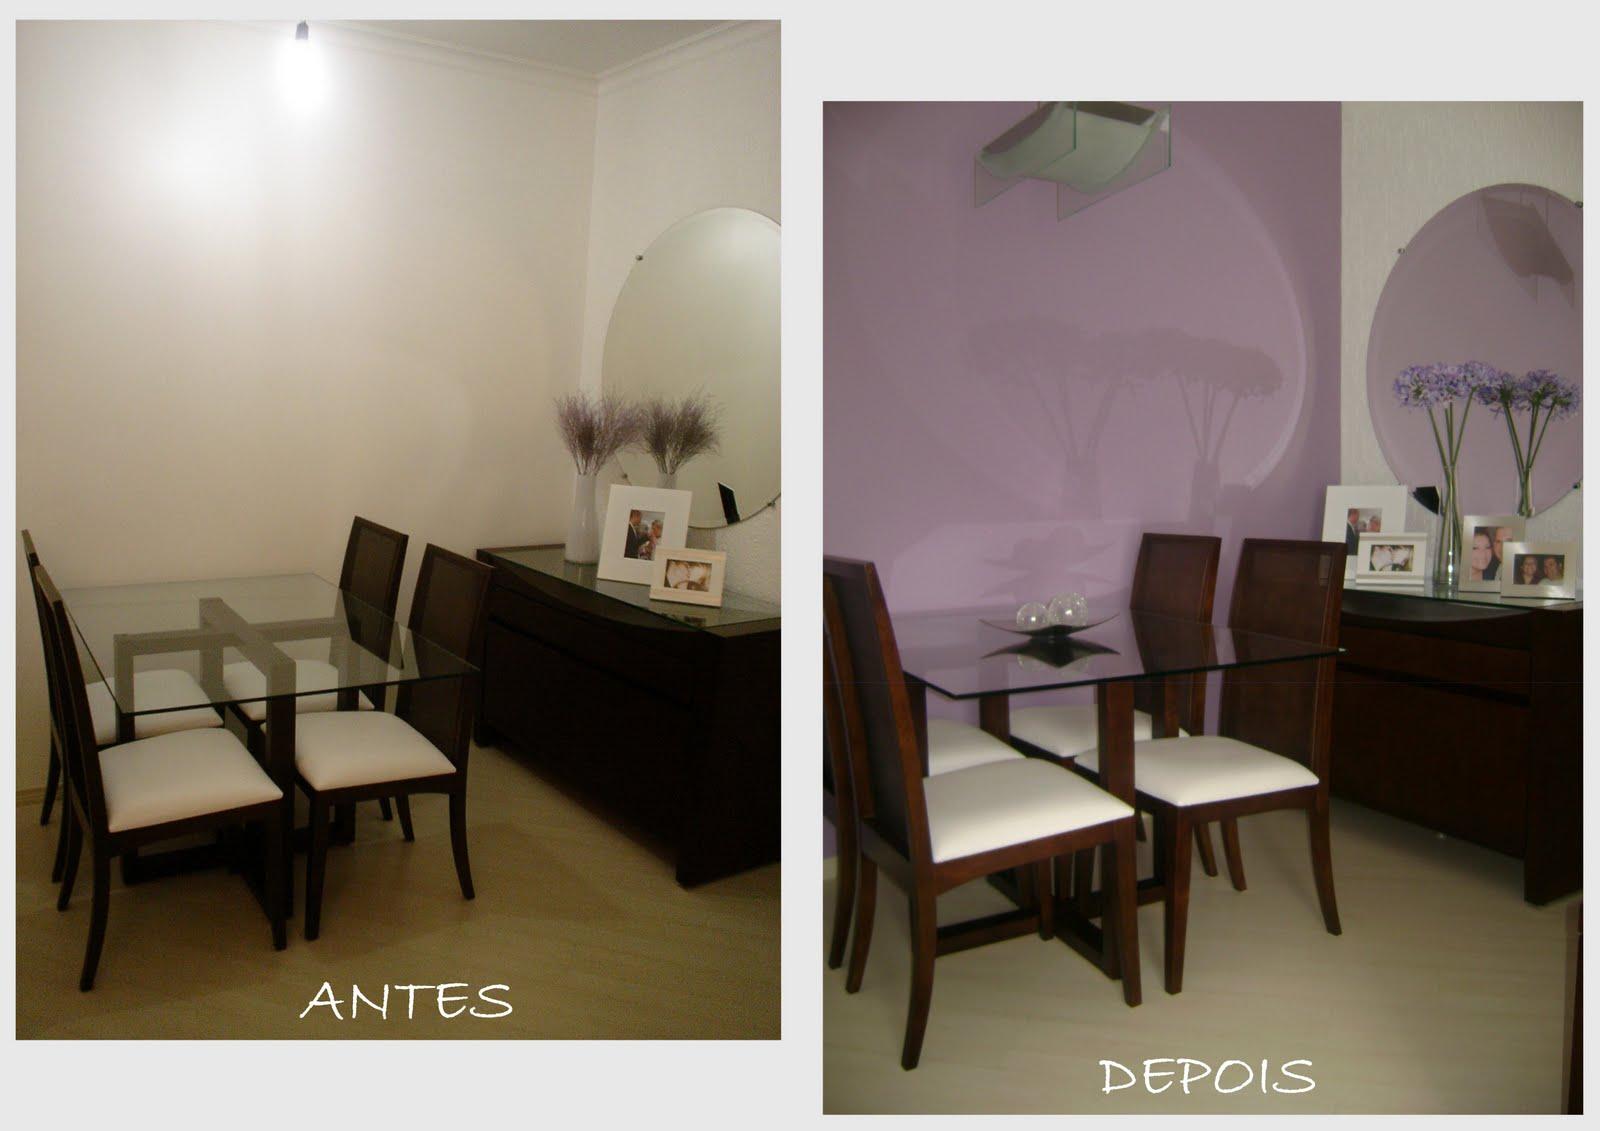 Casa Nova Antes e depois salas de jantar